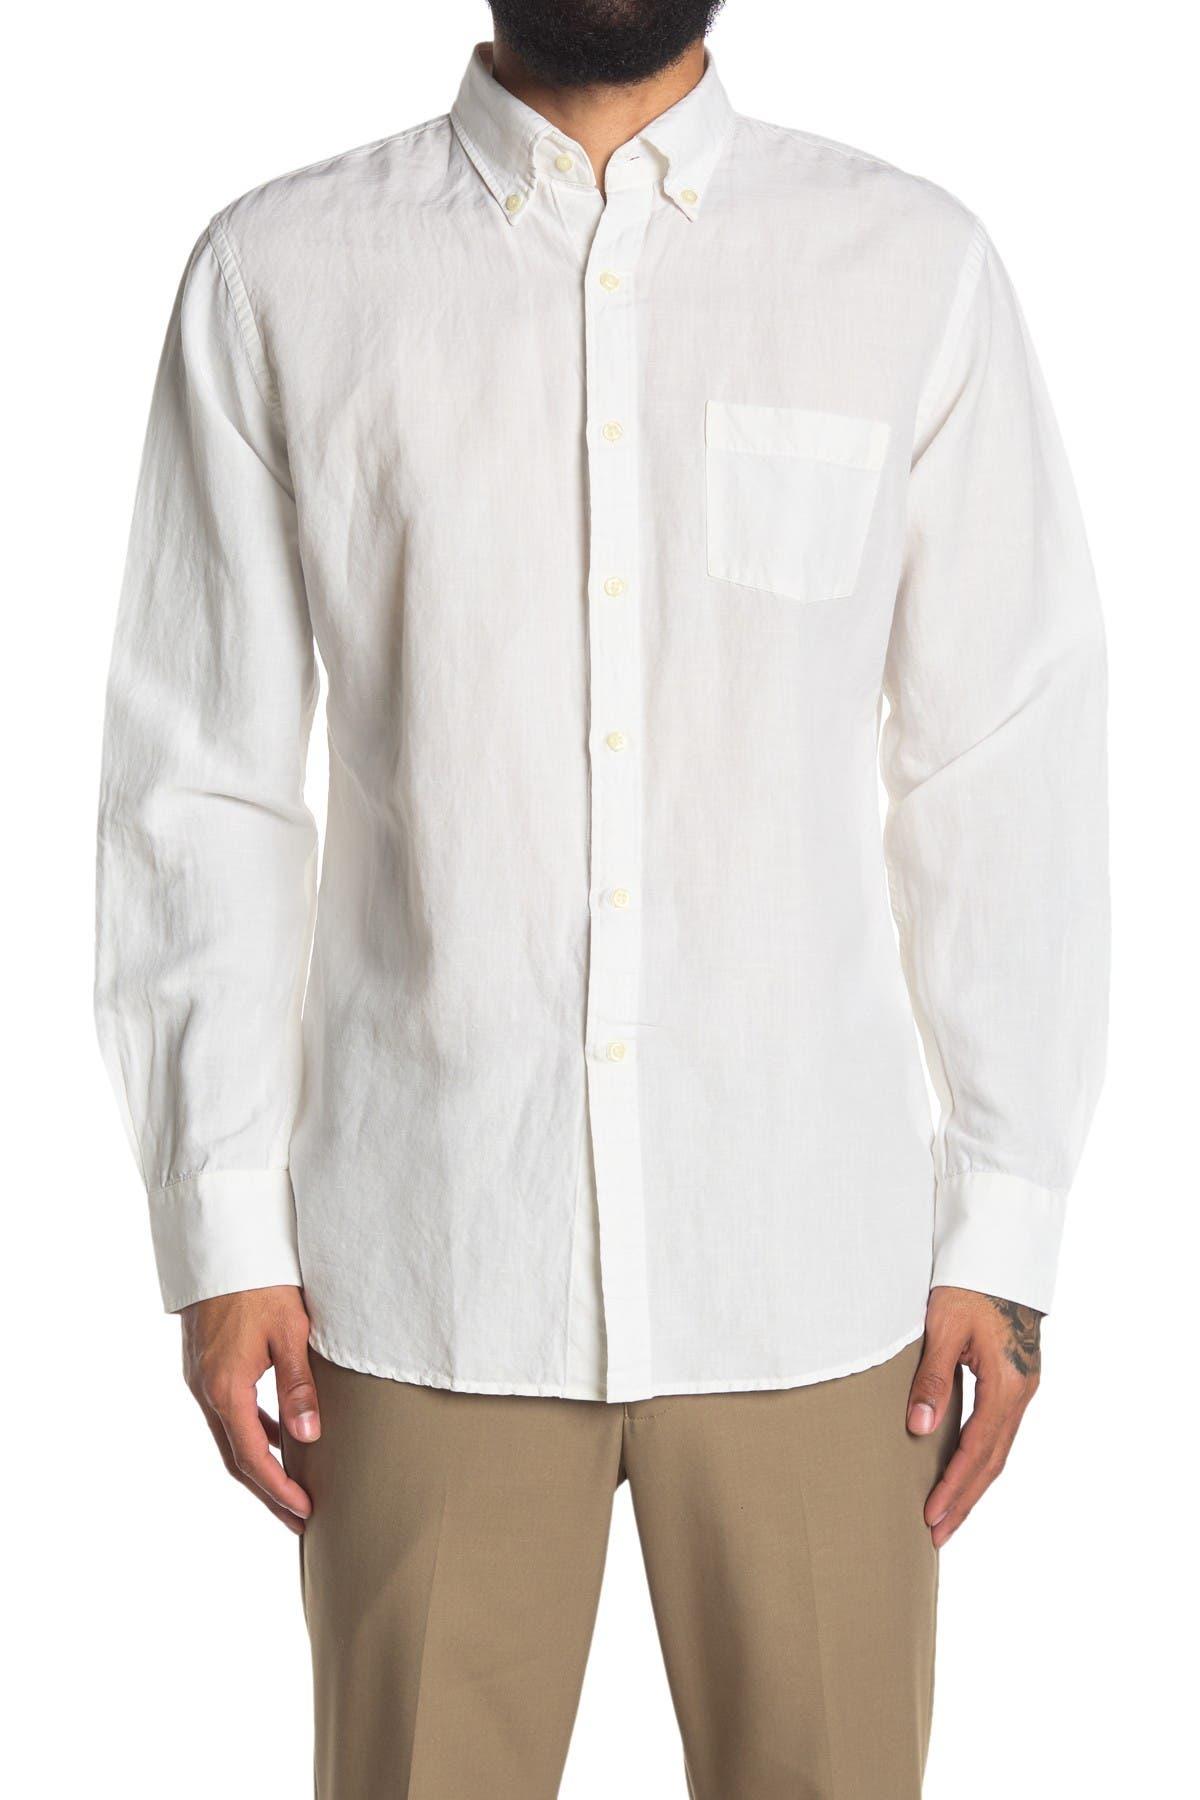 Image of Peter Millar Seaside Washed Dress Shirt